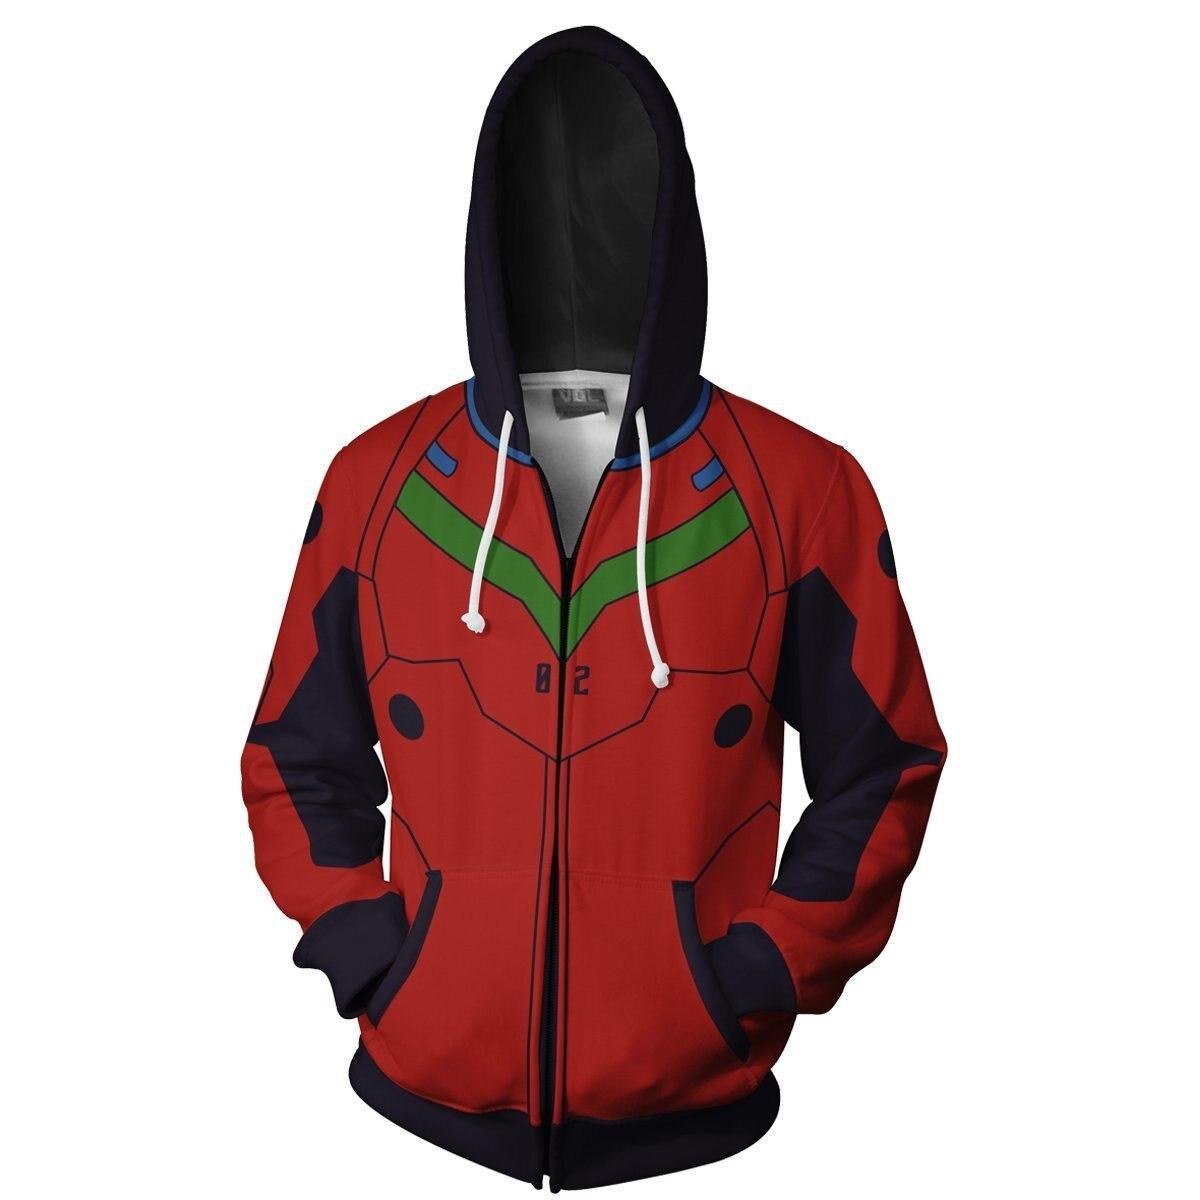 HTB112ffXlGw3KVjSZFwq6zQ2FXai Jaqueta evangelion ayanami rei sweatshirts com capuz cosplay traje jaquetas homens casaco superior com zíper casual hoded